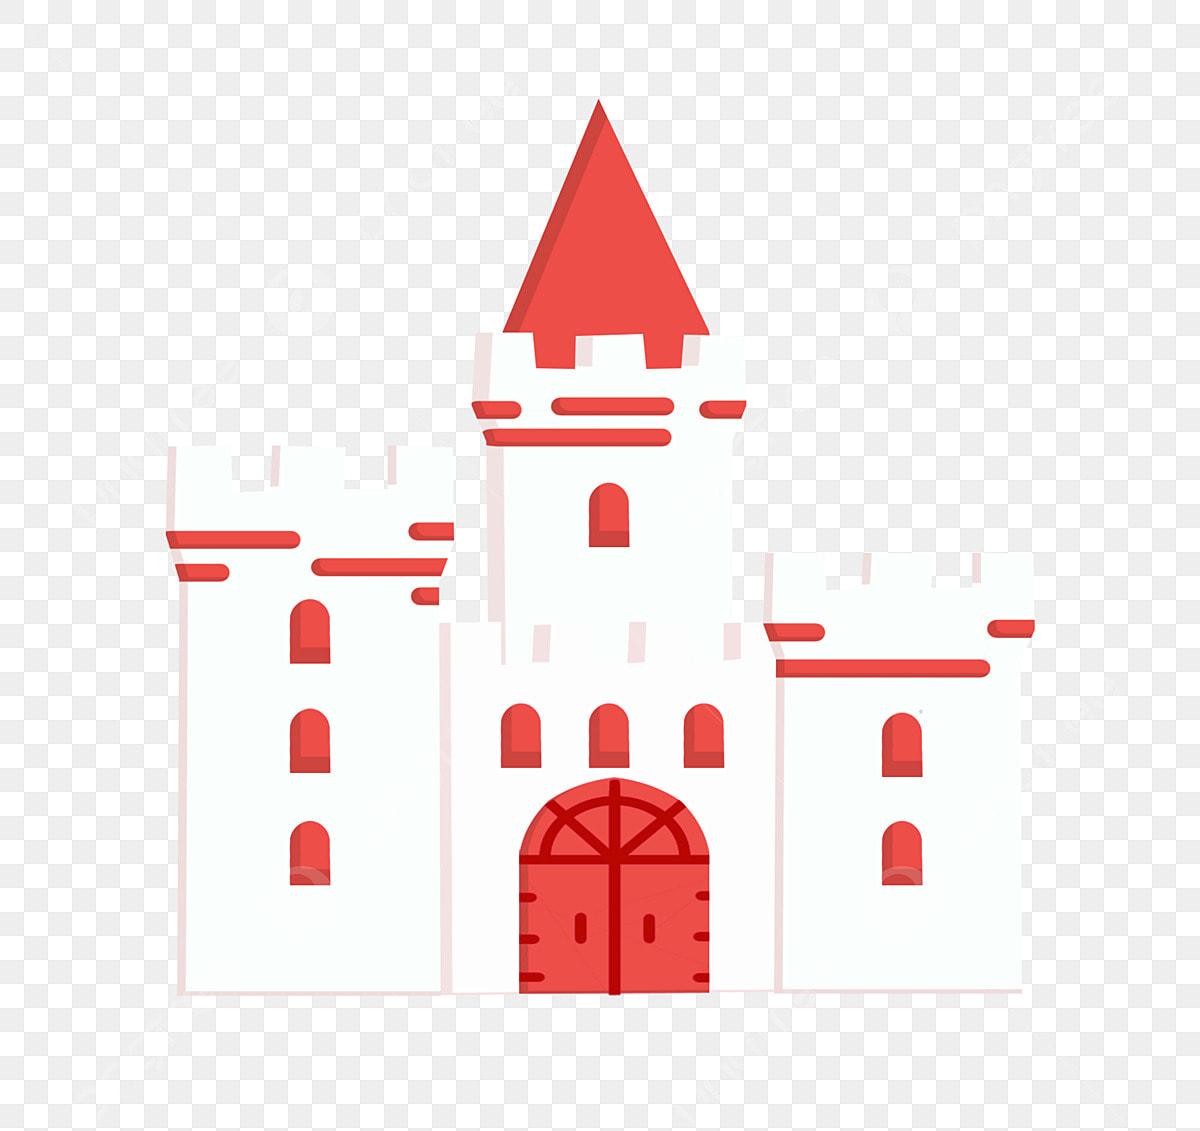 Gambar Istana Putih Istana Yang Indah Istana Kartun Bangunan Kartun Kartun Ilustrasi Istana Istana Png Dan Psd Untuk Muat Turun Percuma